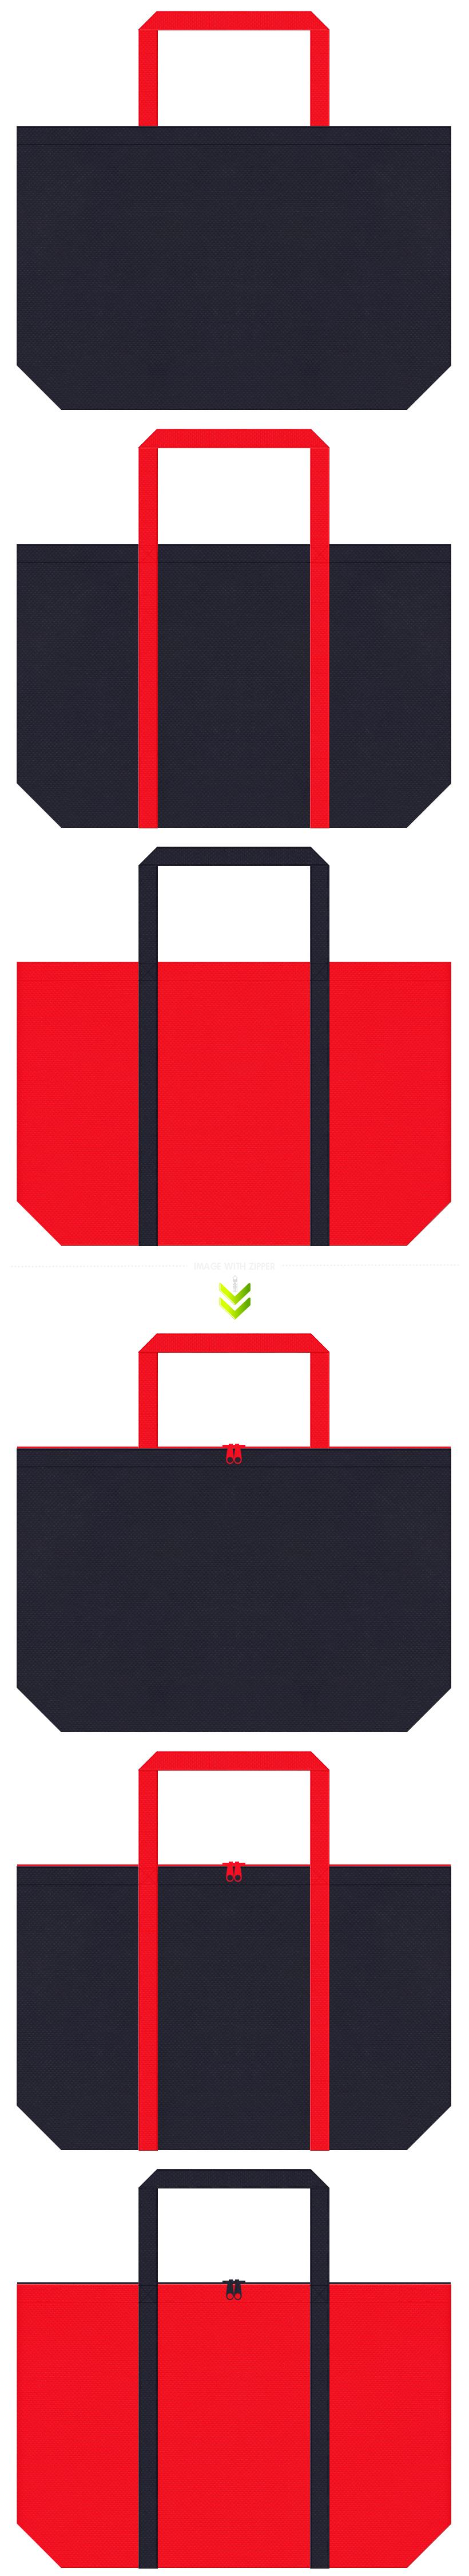 アリーナ・ユニフォーム・シューズ・スポーツイベント・スポーティーファッション・スポーツ用品のショッピングバッグにお奨めの不織布バッグデザイン:濃紺色と赤色のコーデ